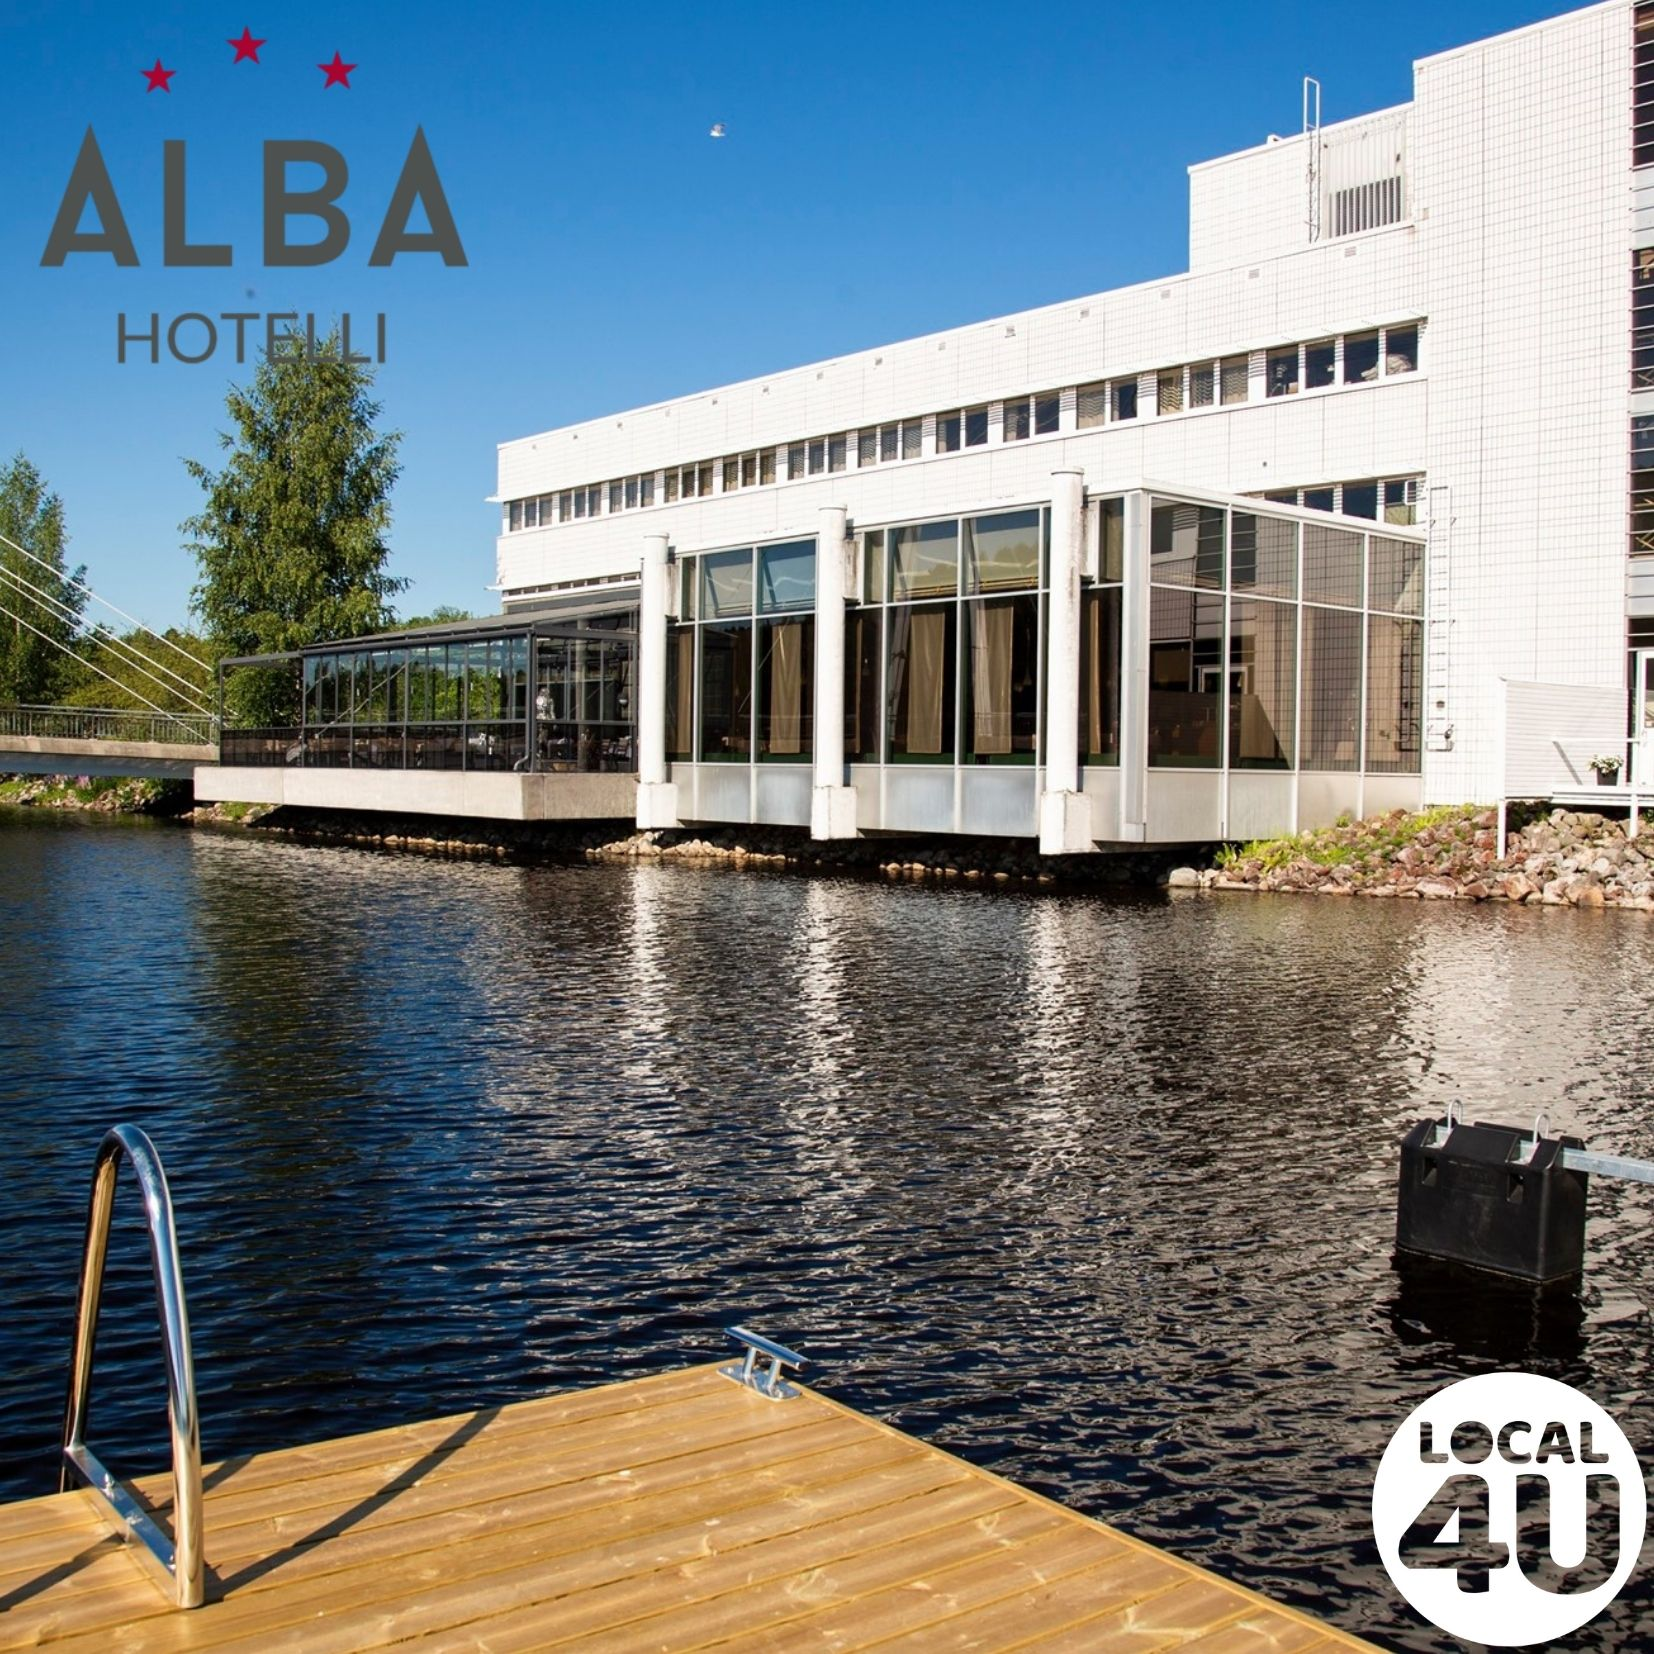 Finlandia Hotelli Alba – näköalaravintola ja terassi Jyväsjärven rannalla Jyväskylässä!